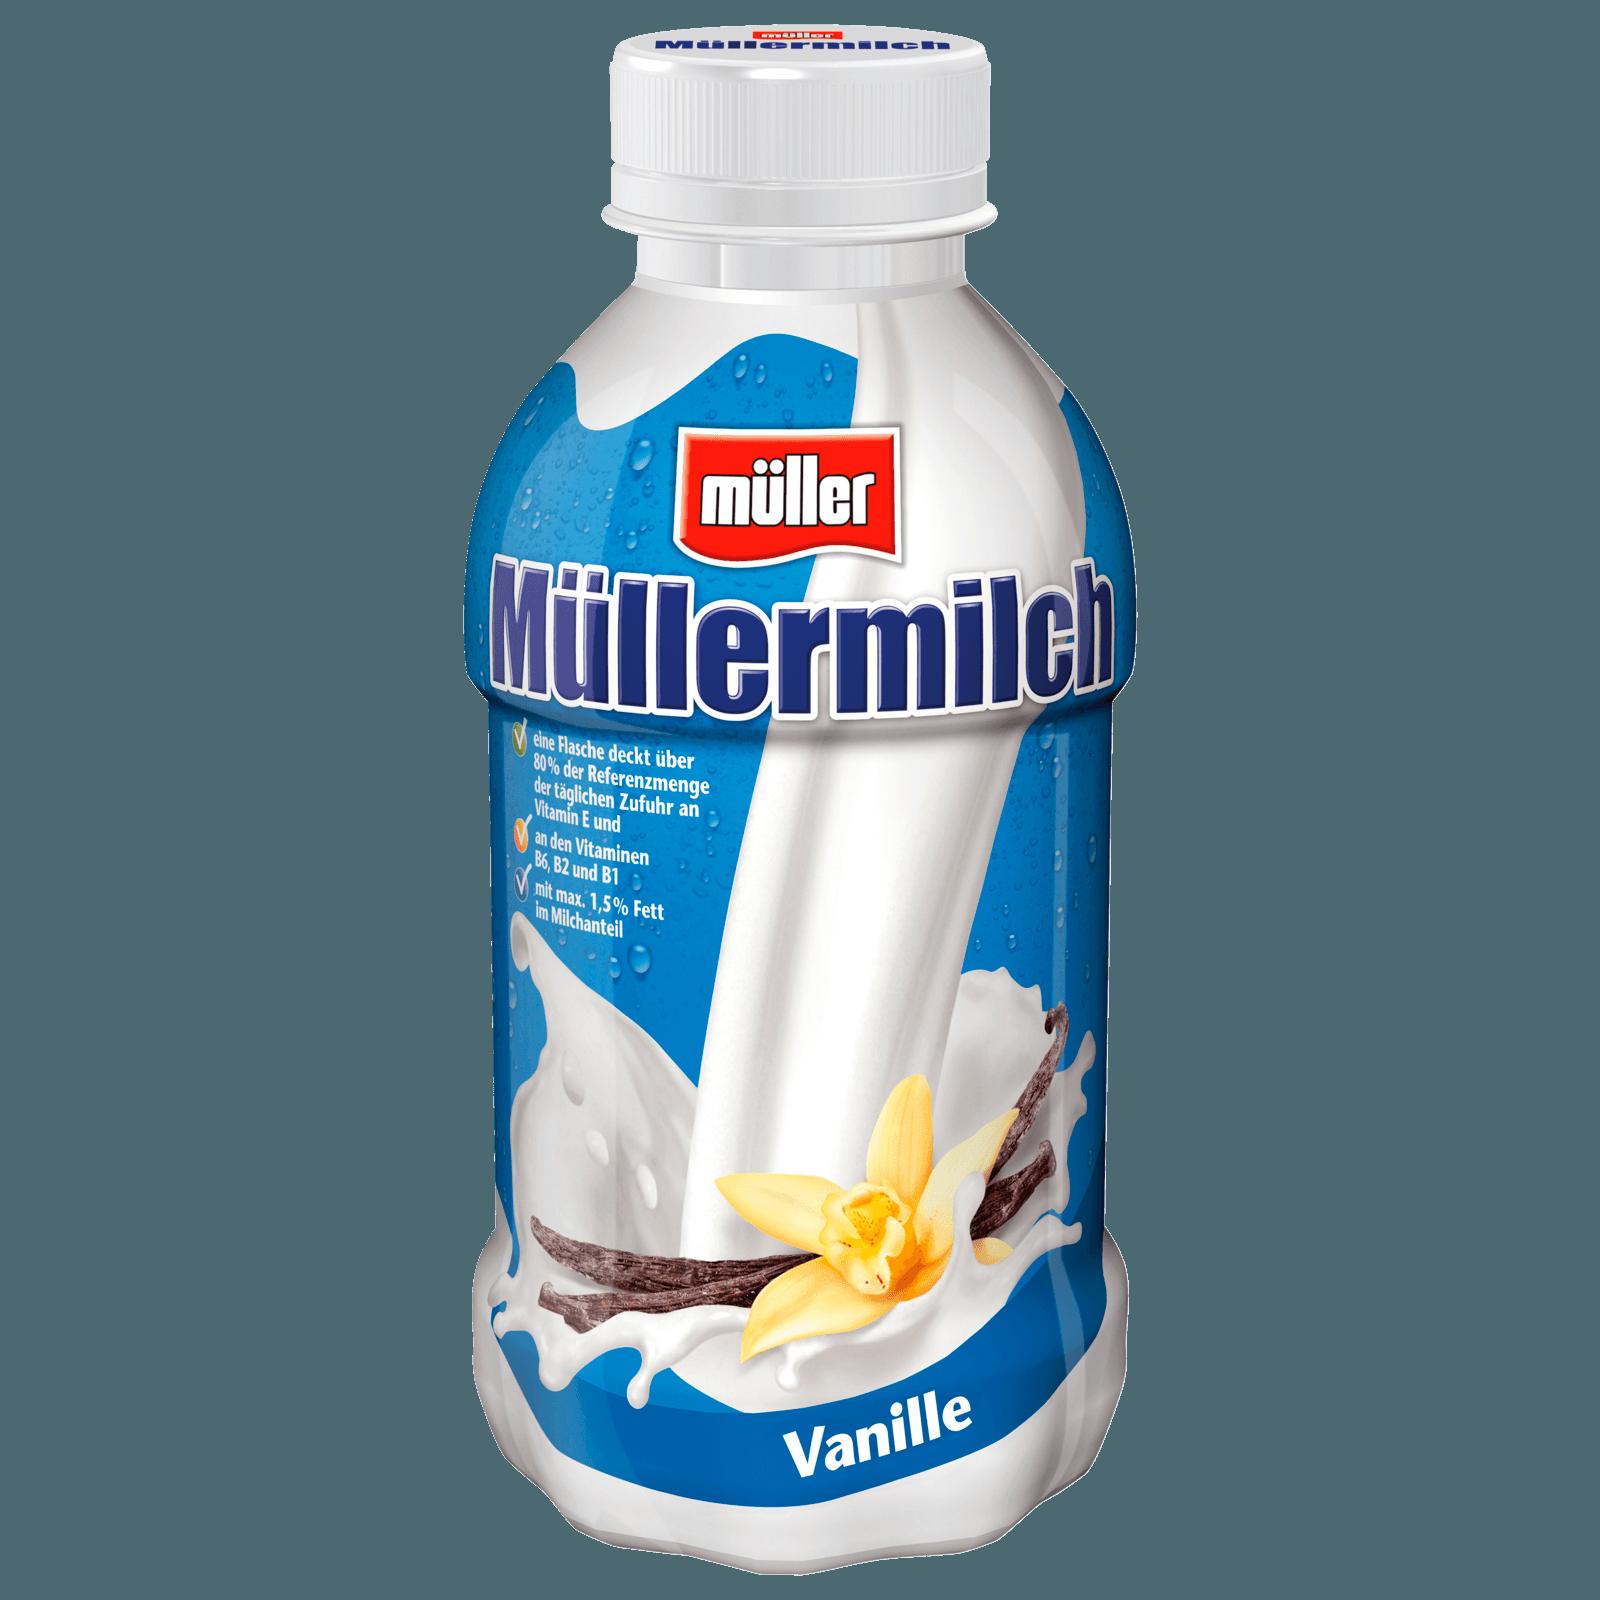 Müller Müllermilch Vanille 400ml bei REWE online bestellen!